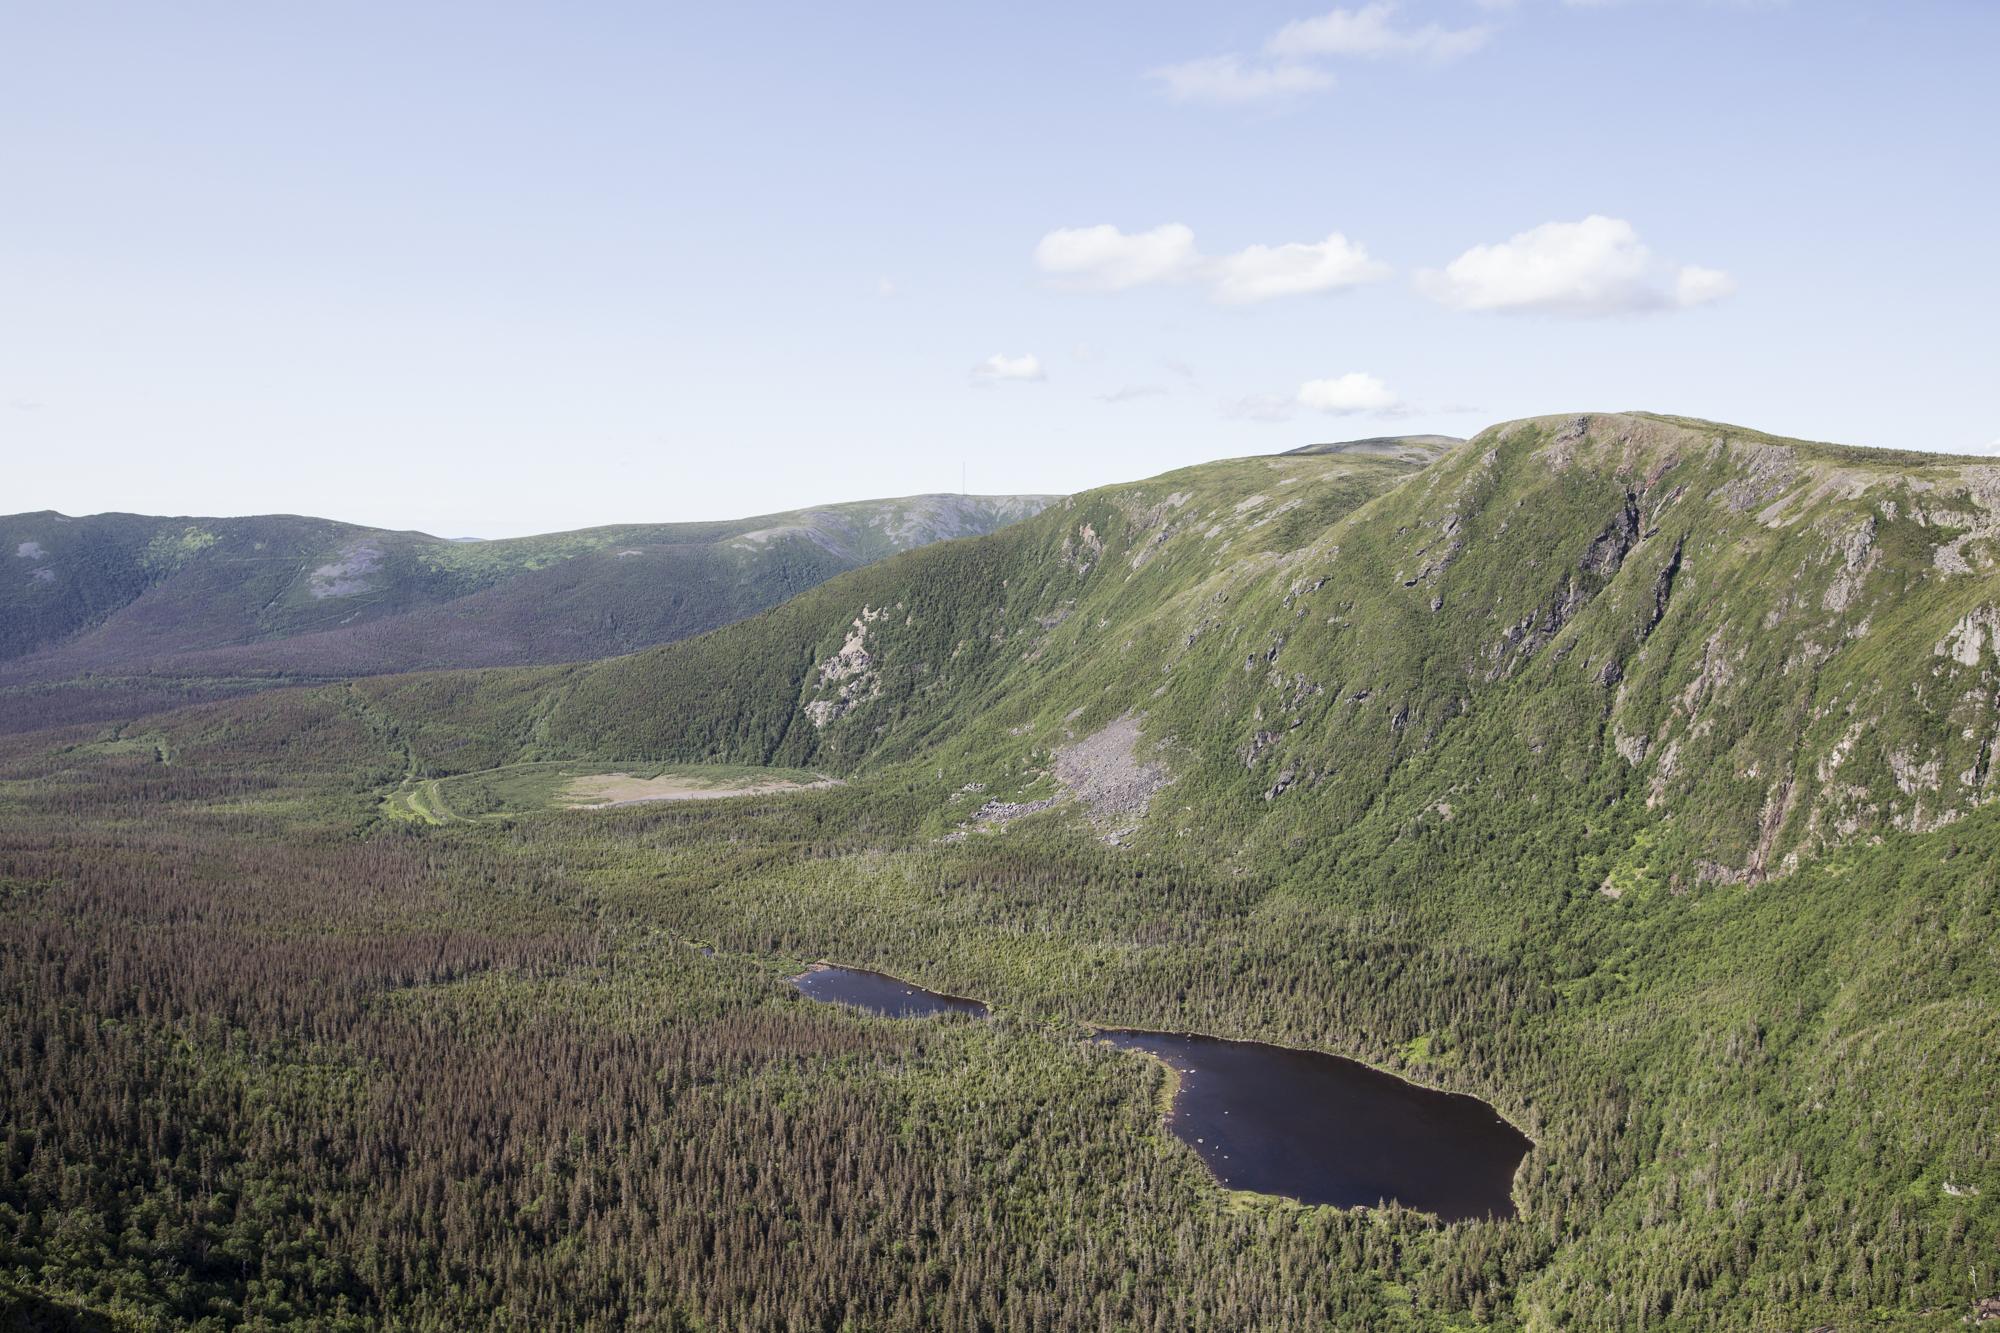 One of my favorite landscape shots taken from Mount Xalibu.